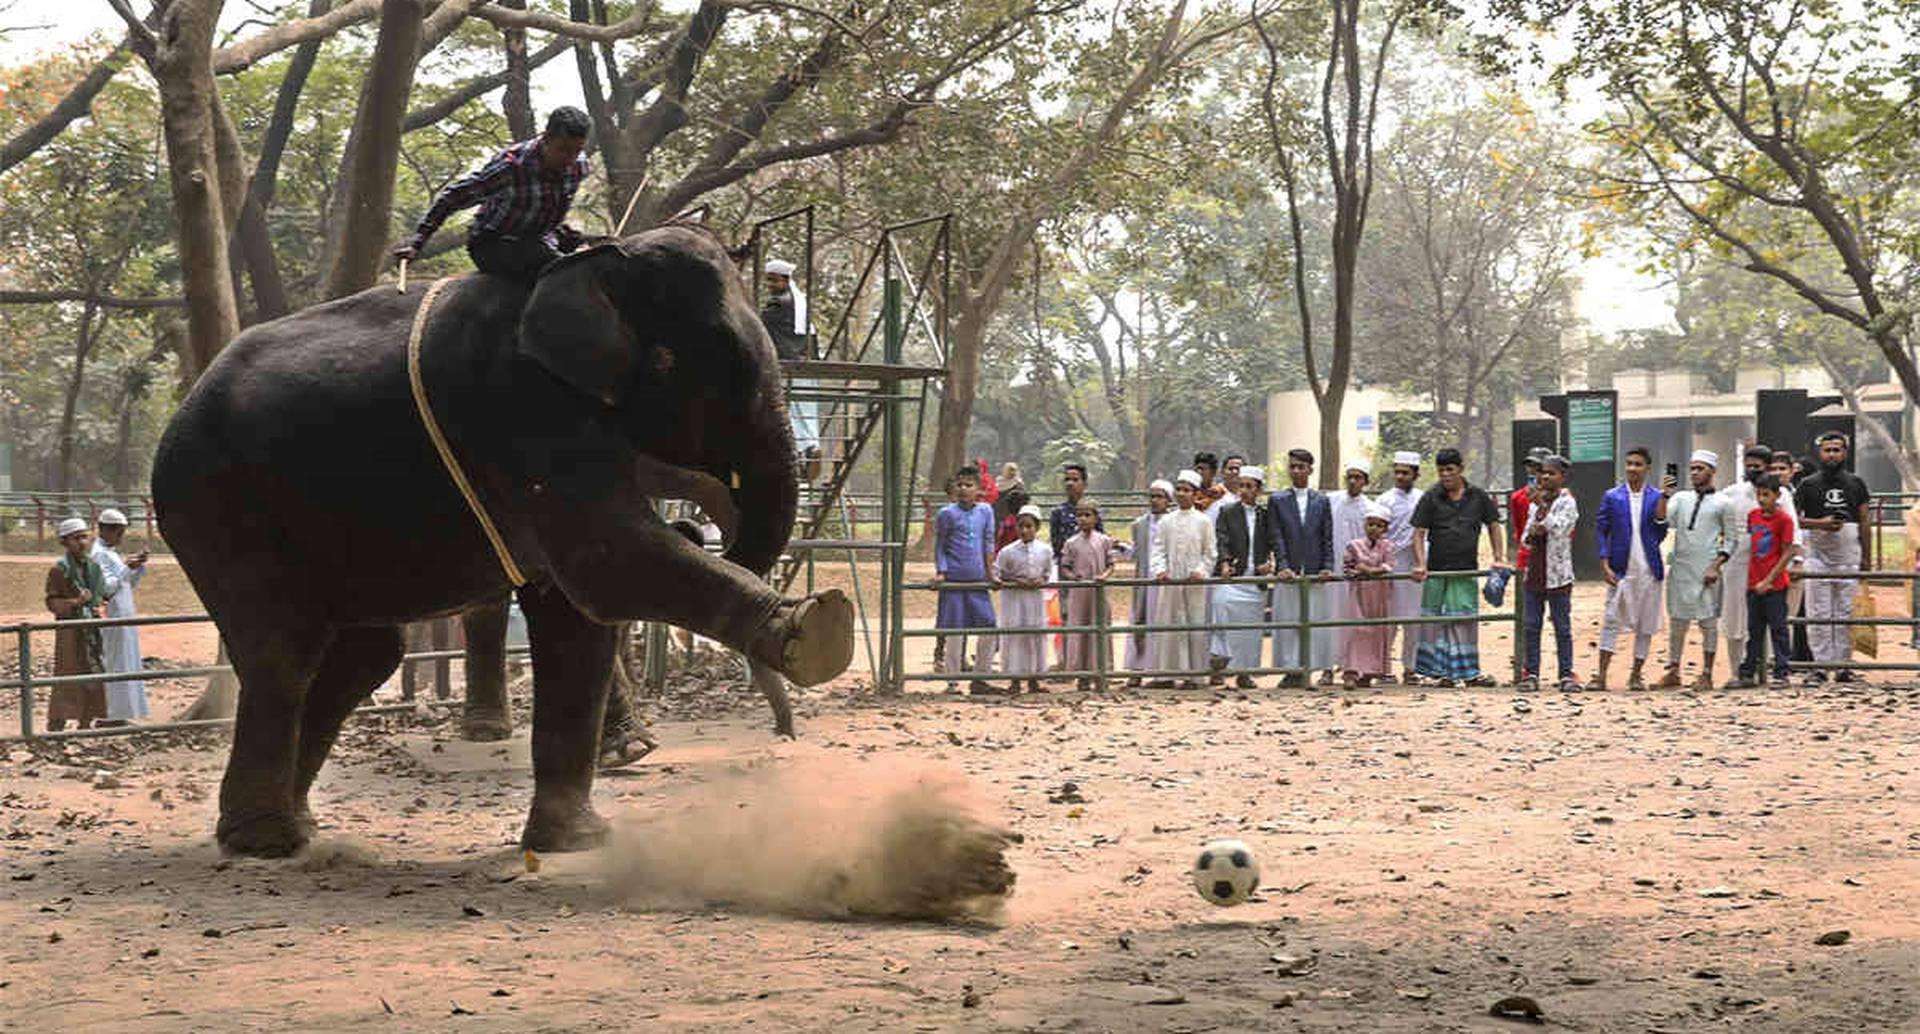 Un mahout, persona que maneja y conoce a los elefantes, monta uno de estos mamíferos durante un partido de fútbol, en el zoológico de Dhaka, en Dhaka. El zoológico más grande de Bangladesh se ha pronunciado en contra de los paseos en elefante. La prohibición a la actividad se introdujo el mes pasado, según señaló a la AFP el curador del zoológico Nurul Islam, quien también aseguró que esta nunca sería levantada. Foto: Joyeeta Roy/ AFP.